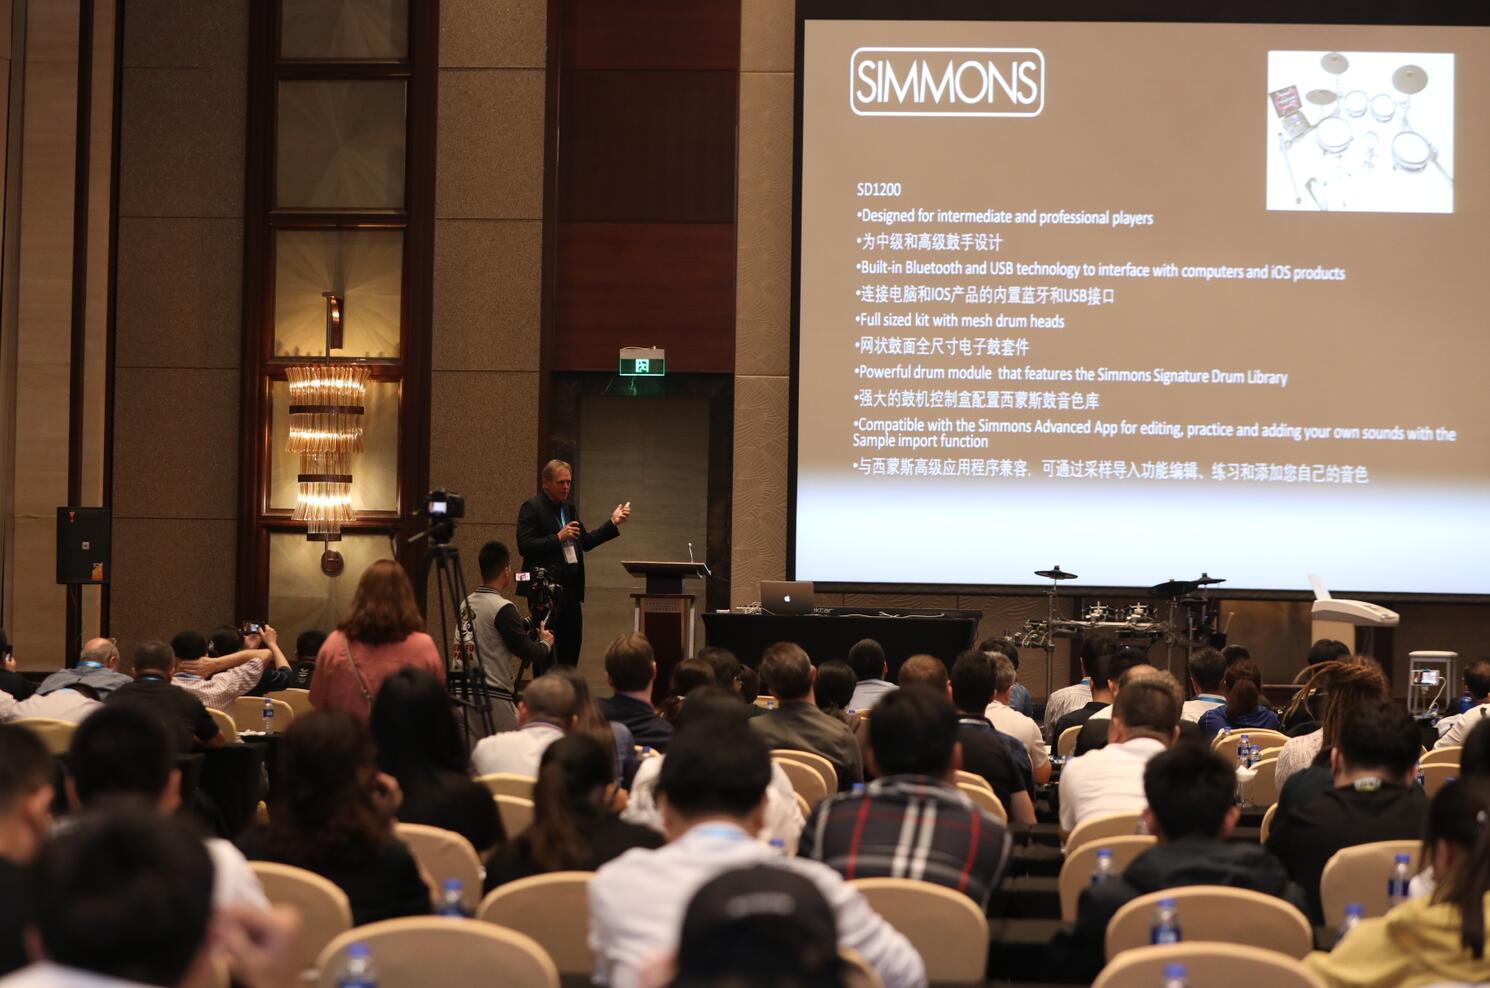 SIMMONS携全球首.发新品出展上海国际乐器展